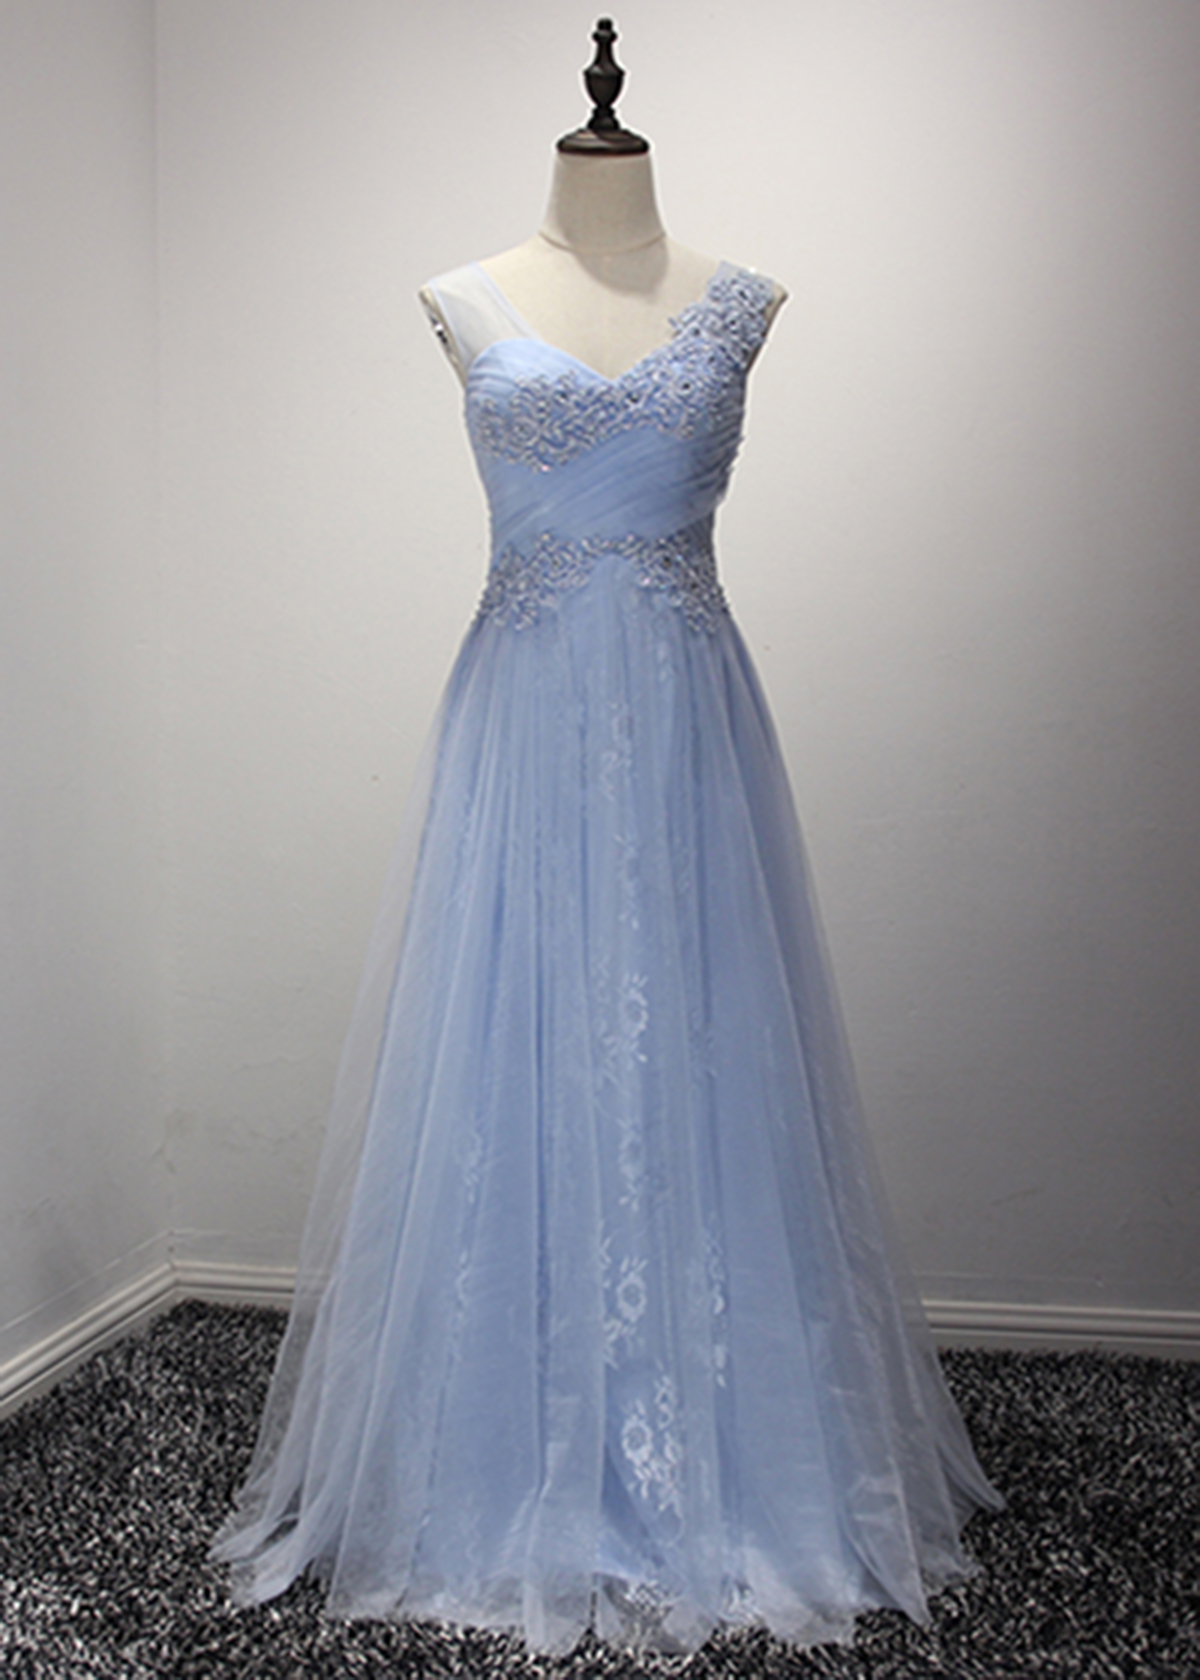 a80bf346da5 Ice Blue Long Prom Dress - Gomes Weine AG